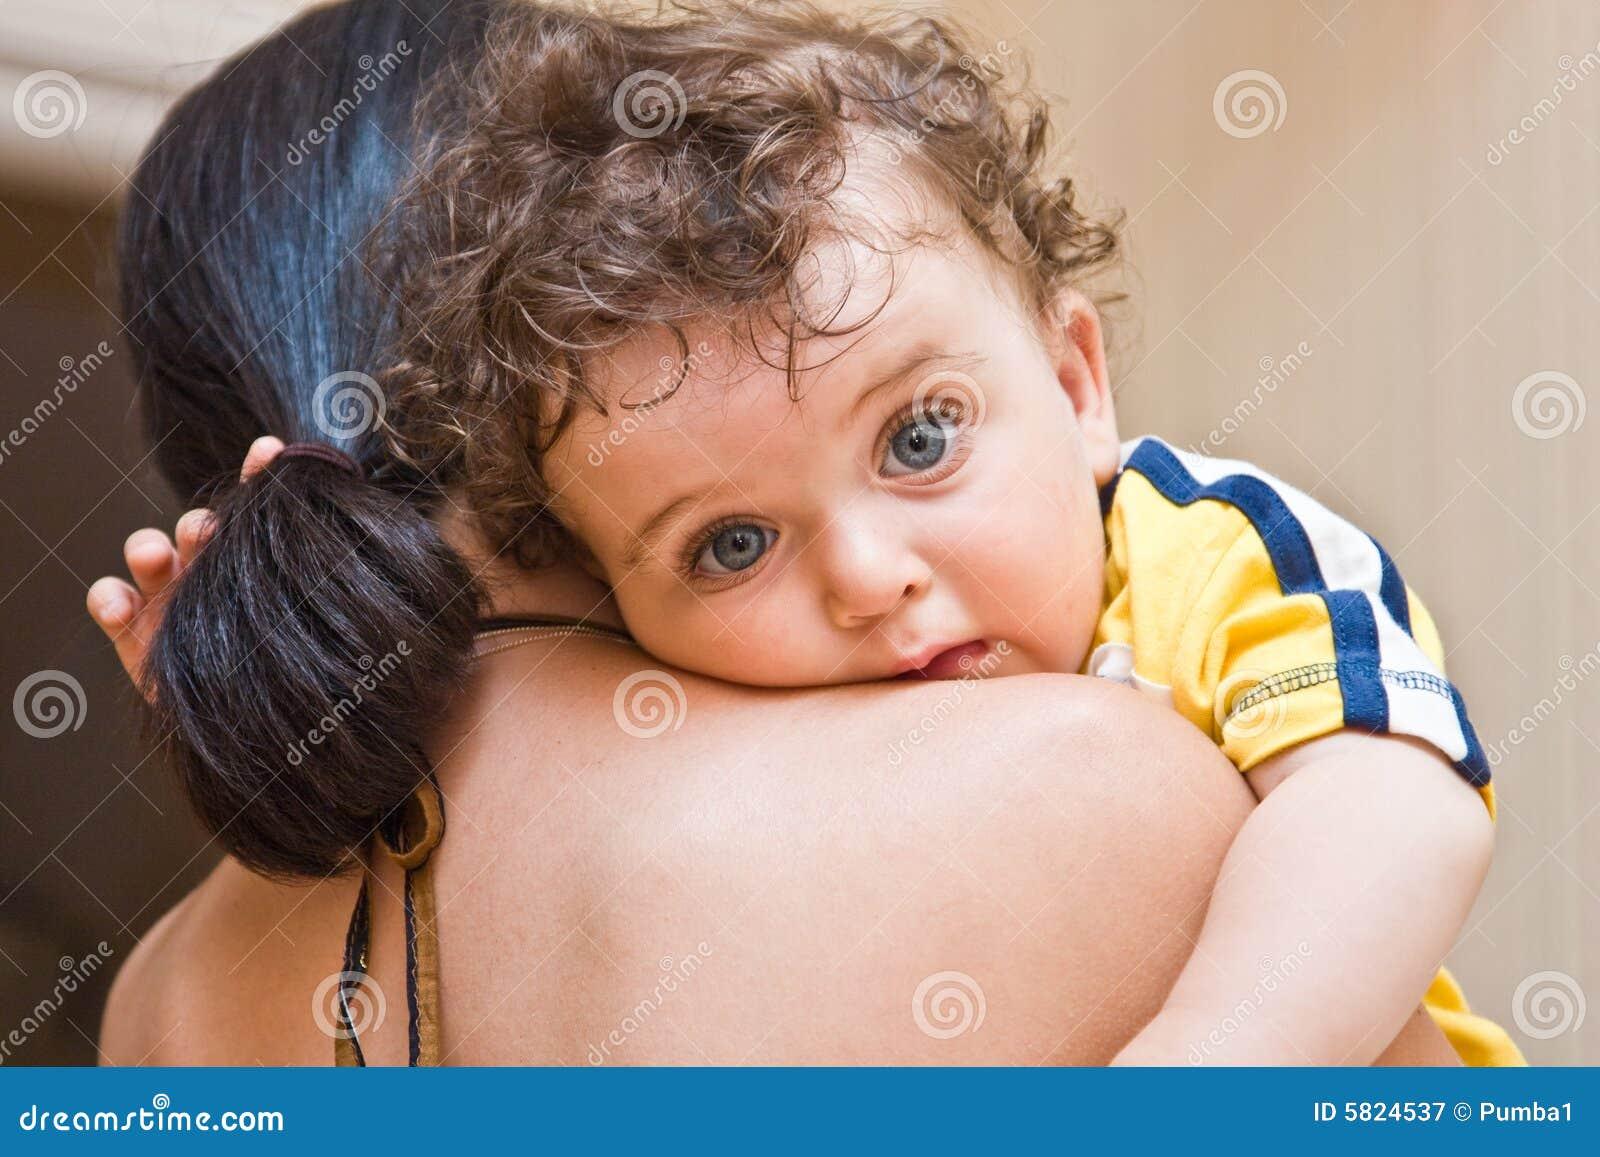 Сын смотрит как маму 2 фотография